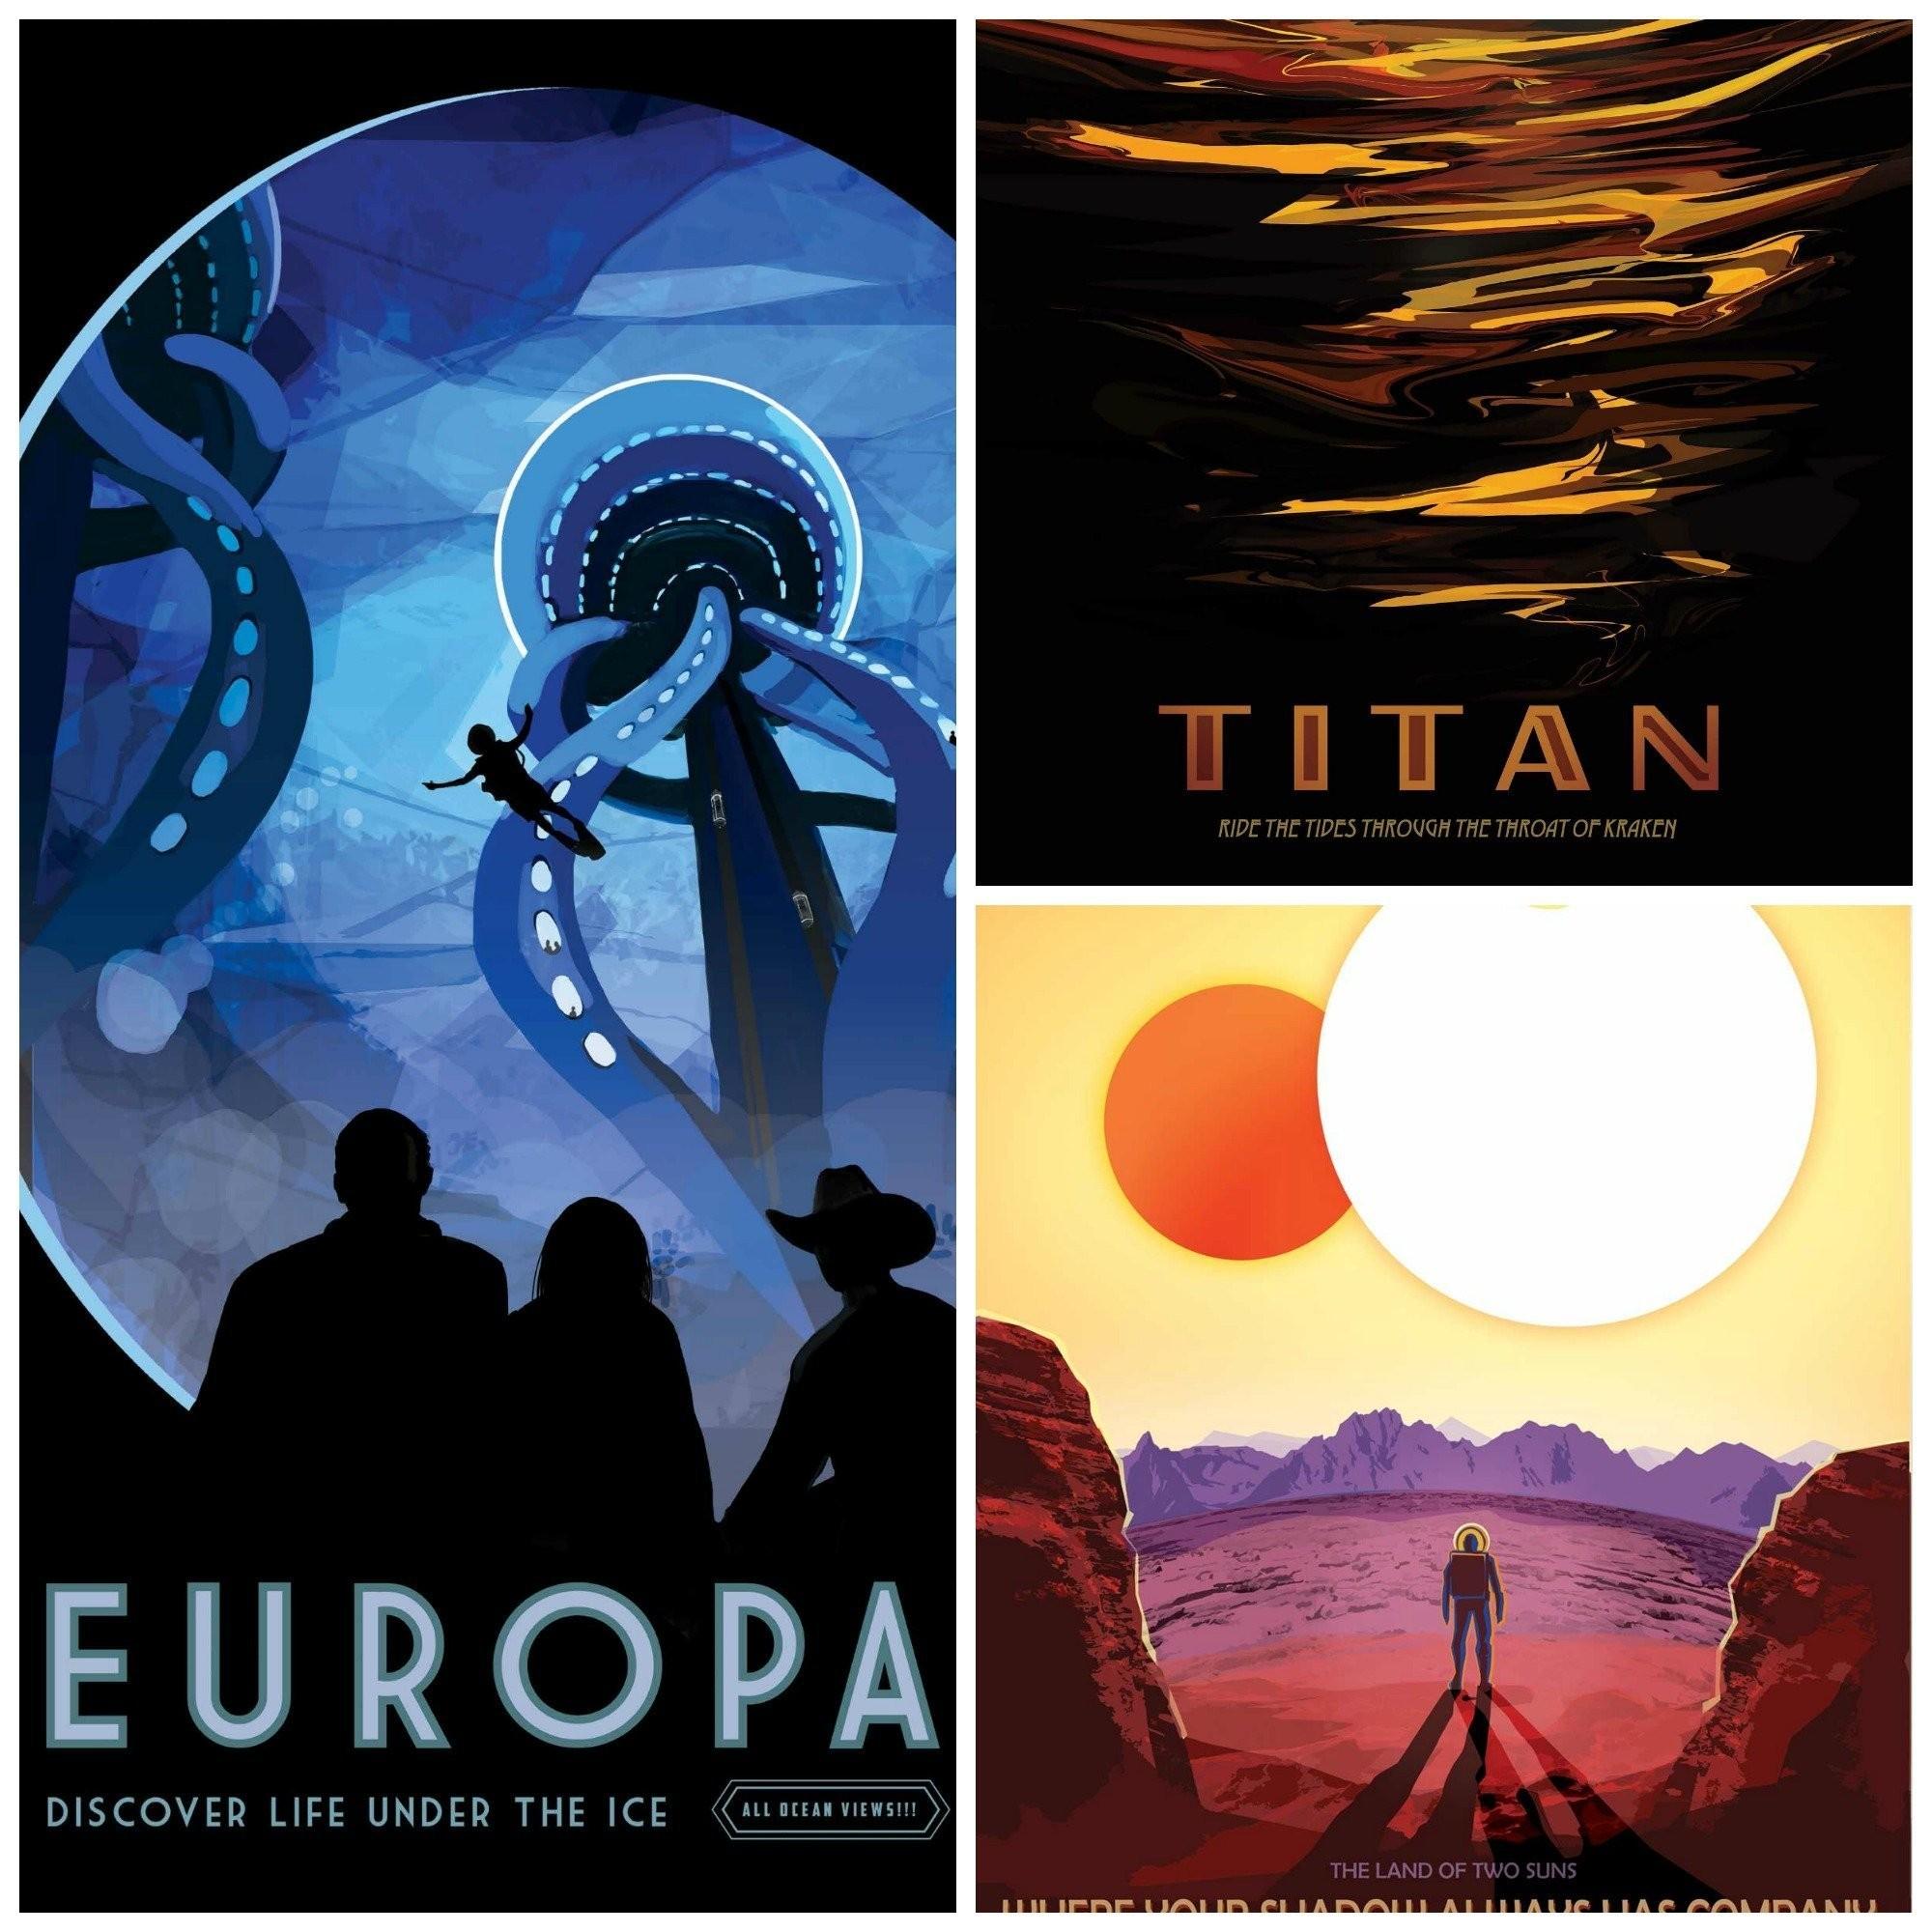 Titan Ride the Tides through the Throat of Kraken NASA Kosmos Poster